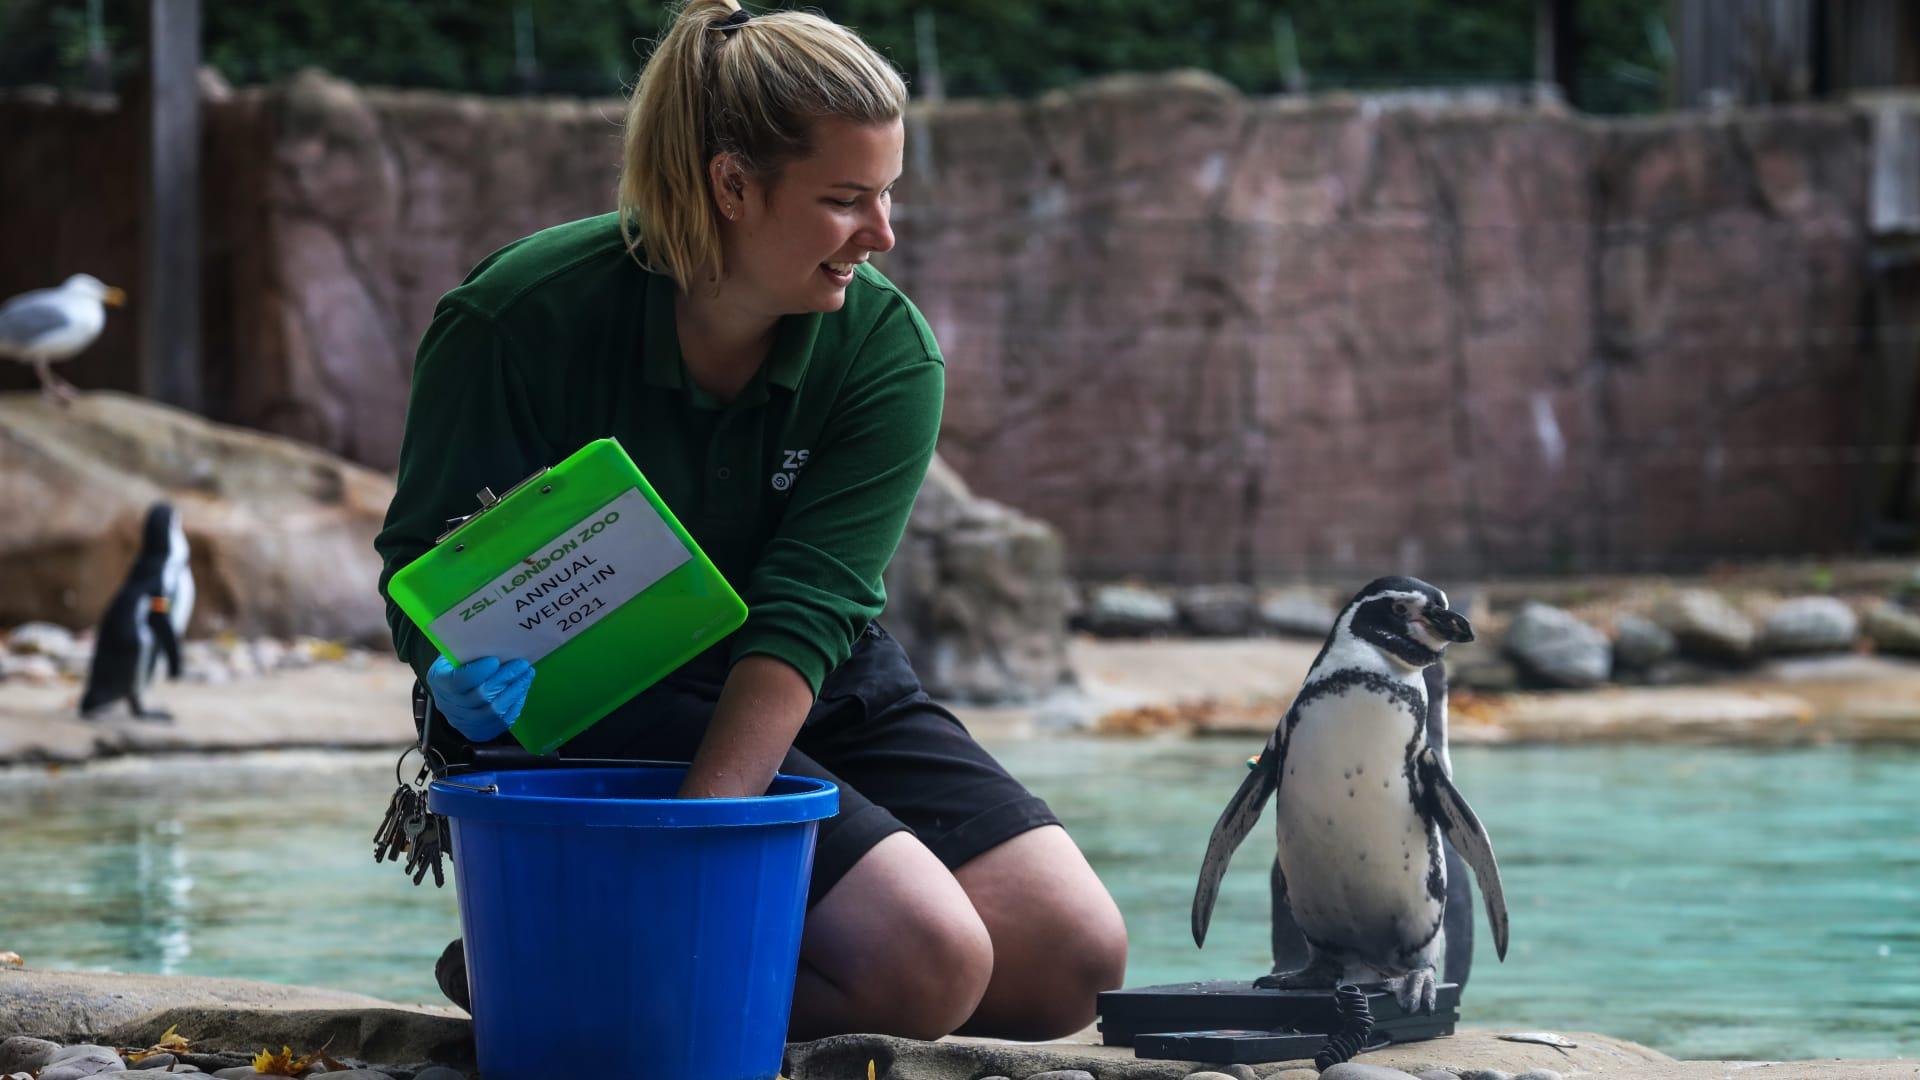 يلجأ حراس حديقة حيوانات بلندن لحيل مبتكرة لأخذ قياسات نزلائهم الظرفاء